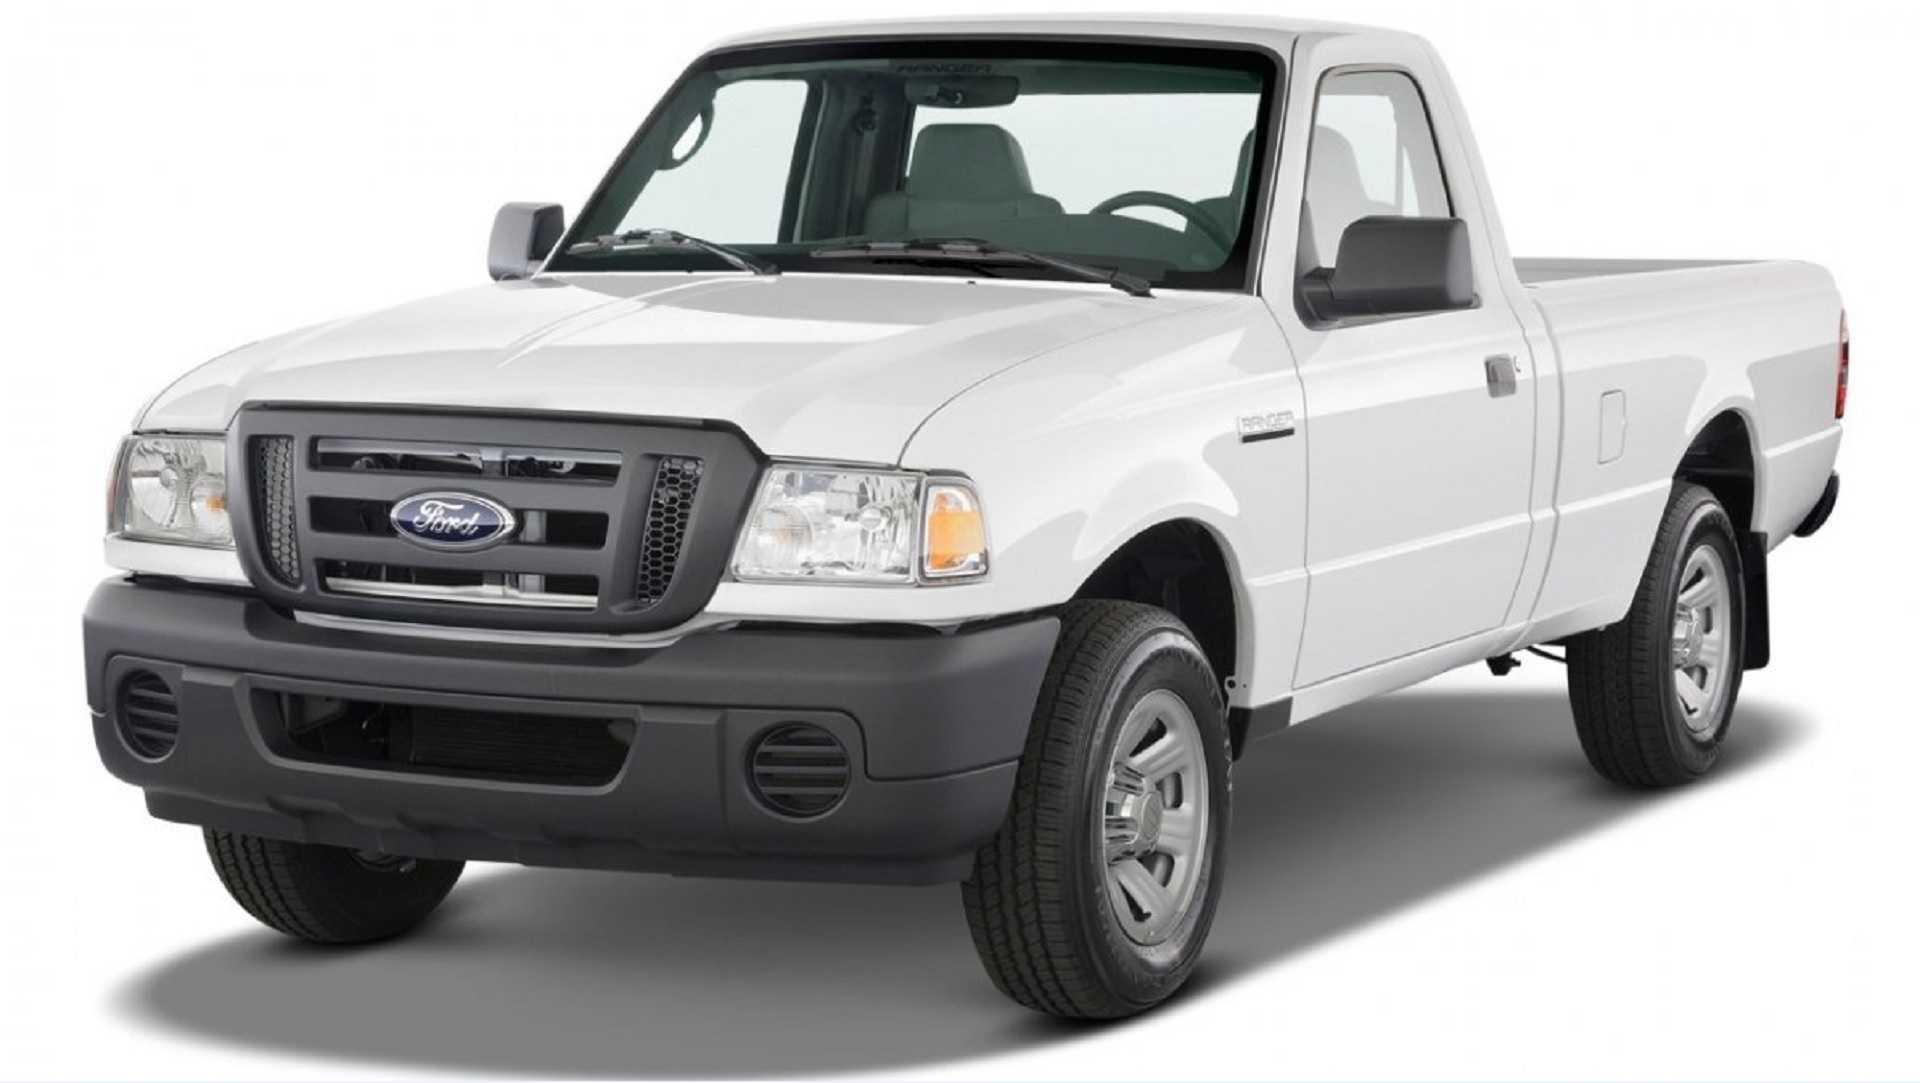 Тест драйв Ford Ranger 2019 в комплектации Wildtrak двигатель и трансмиссия подвеска и ходовые качества расход топлива разгон до сотни возможности на бездорожье